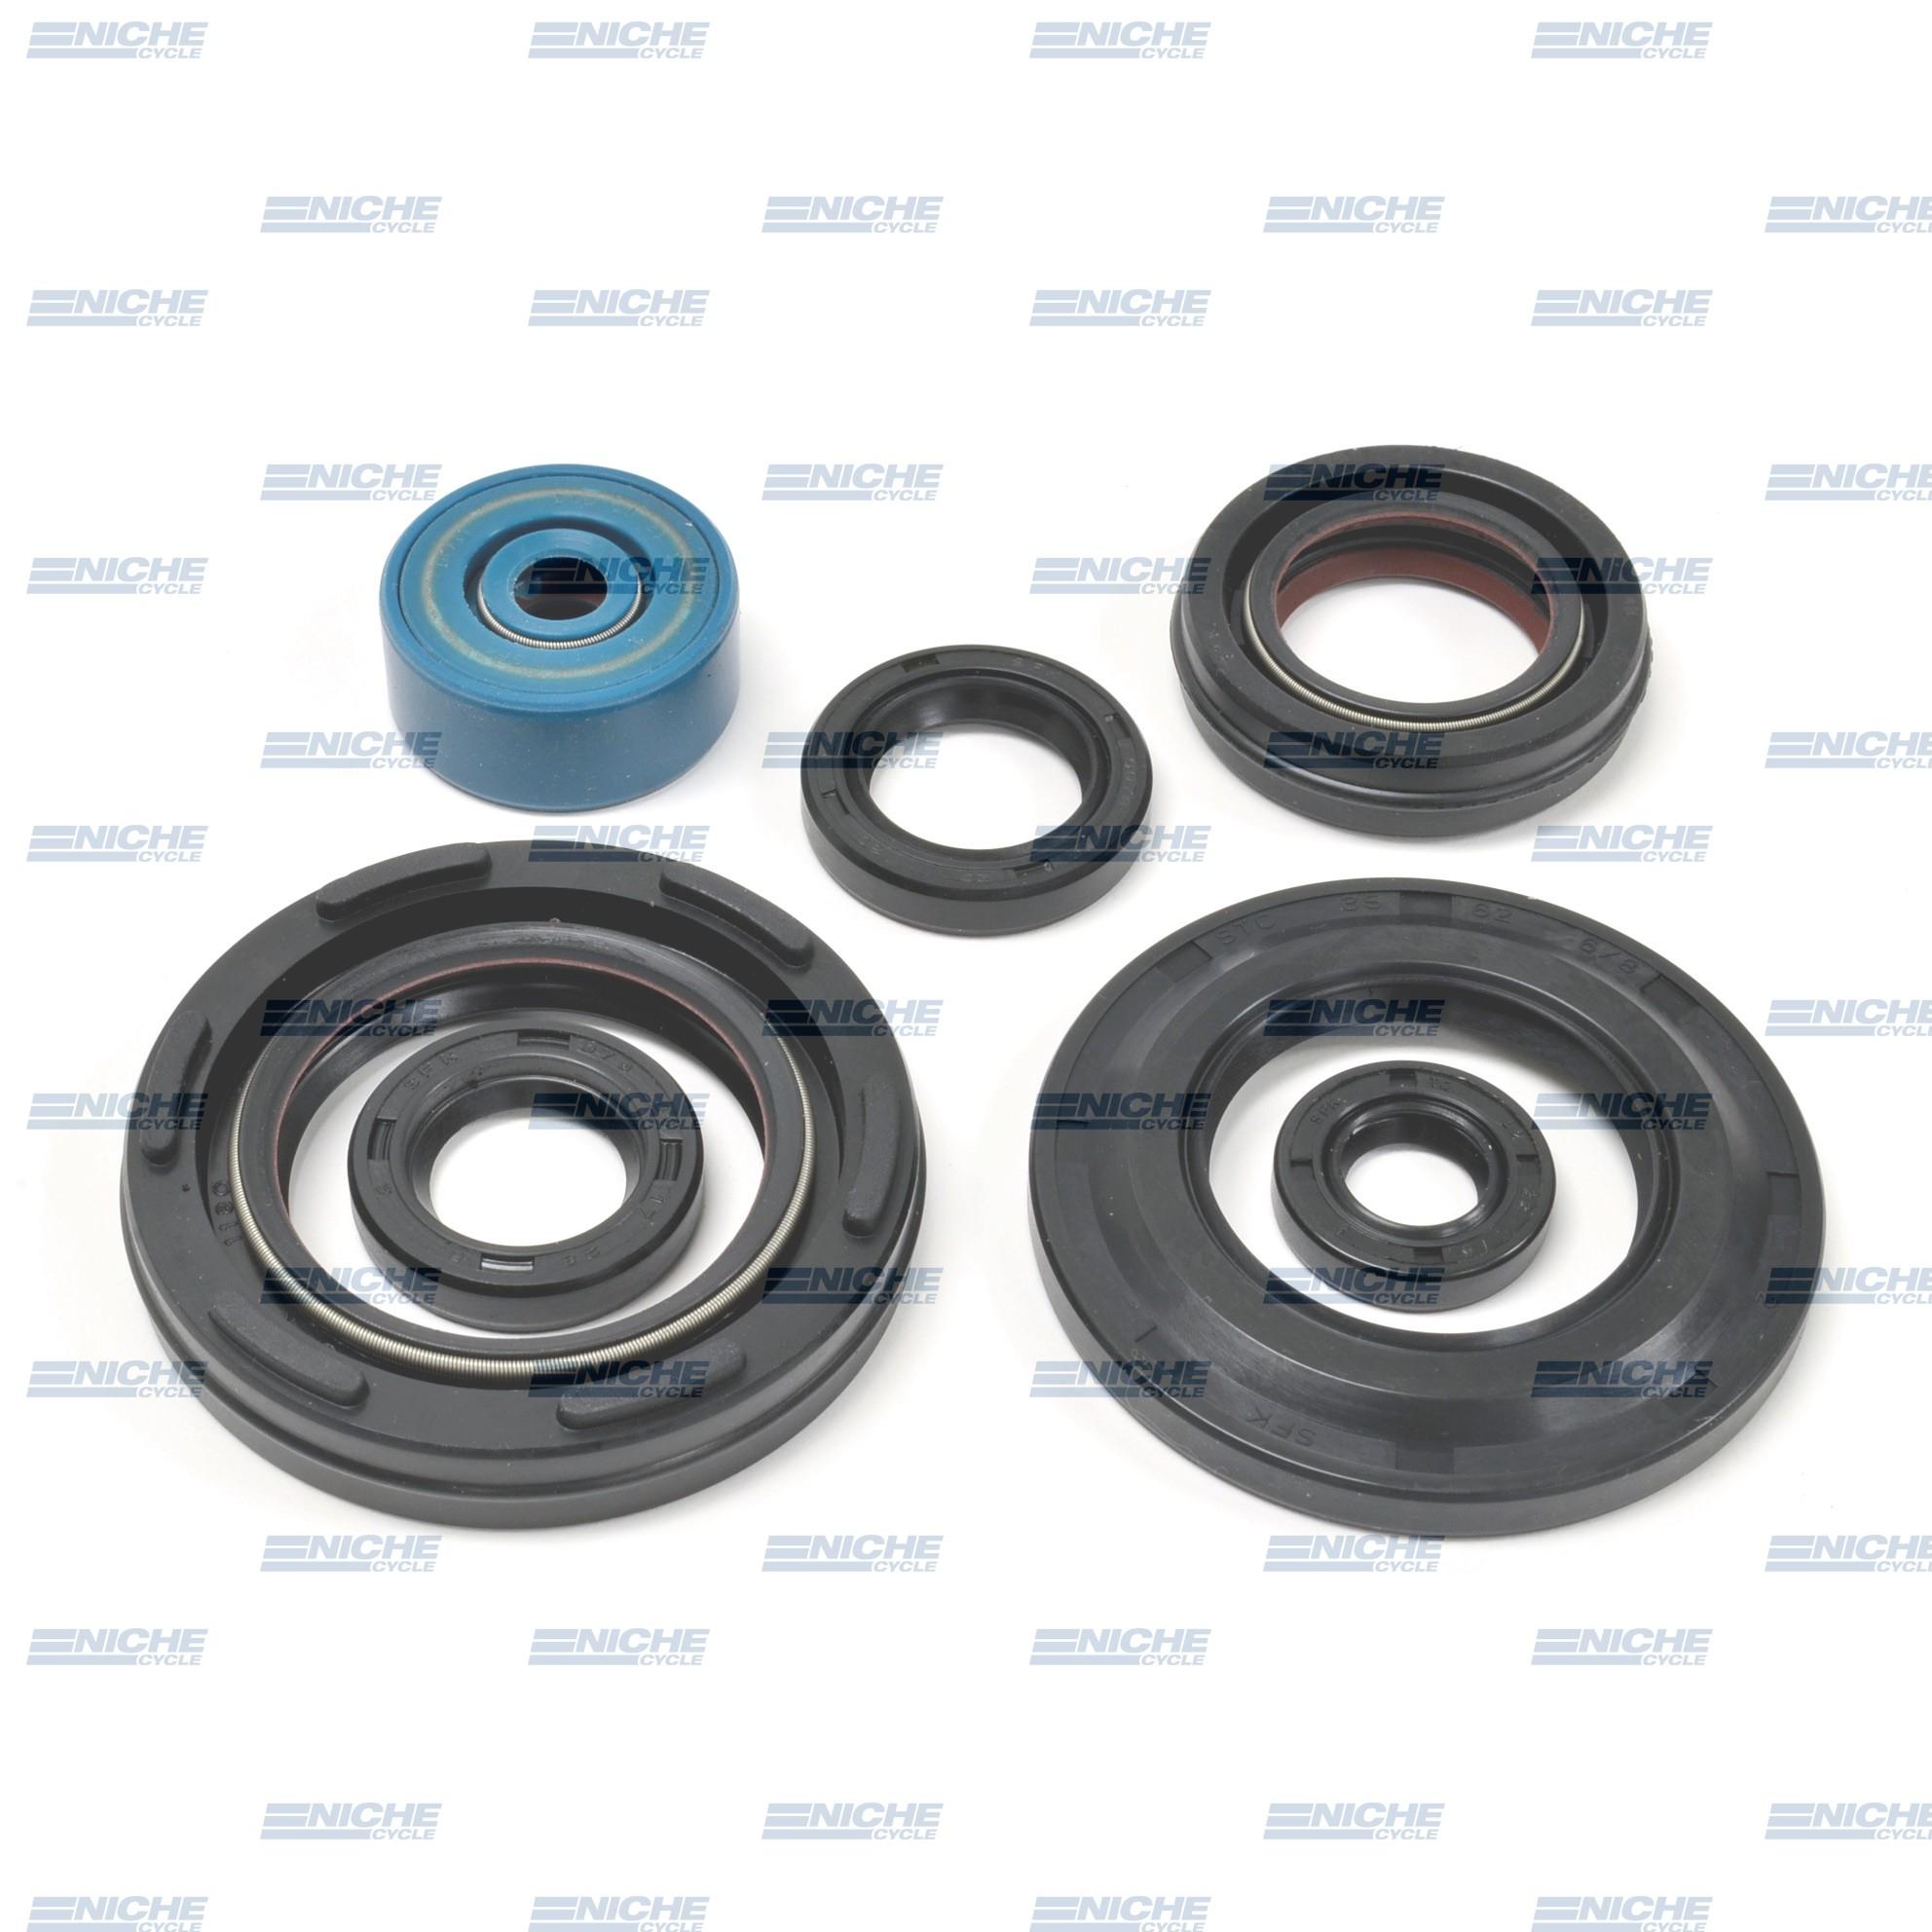 Yamaha YFZ 350 Banshee Engine Oil Seal Kit 19-84450